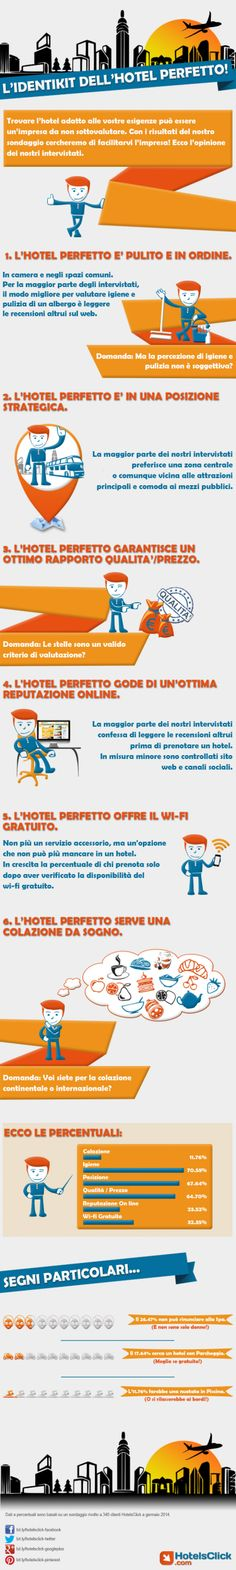 Características del Hotel Perfecto.